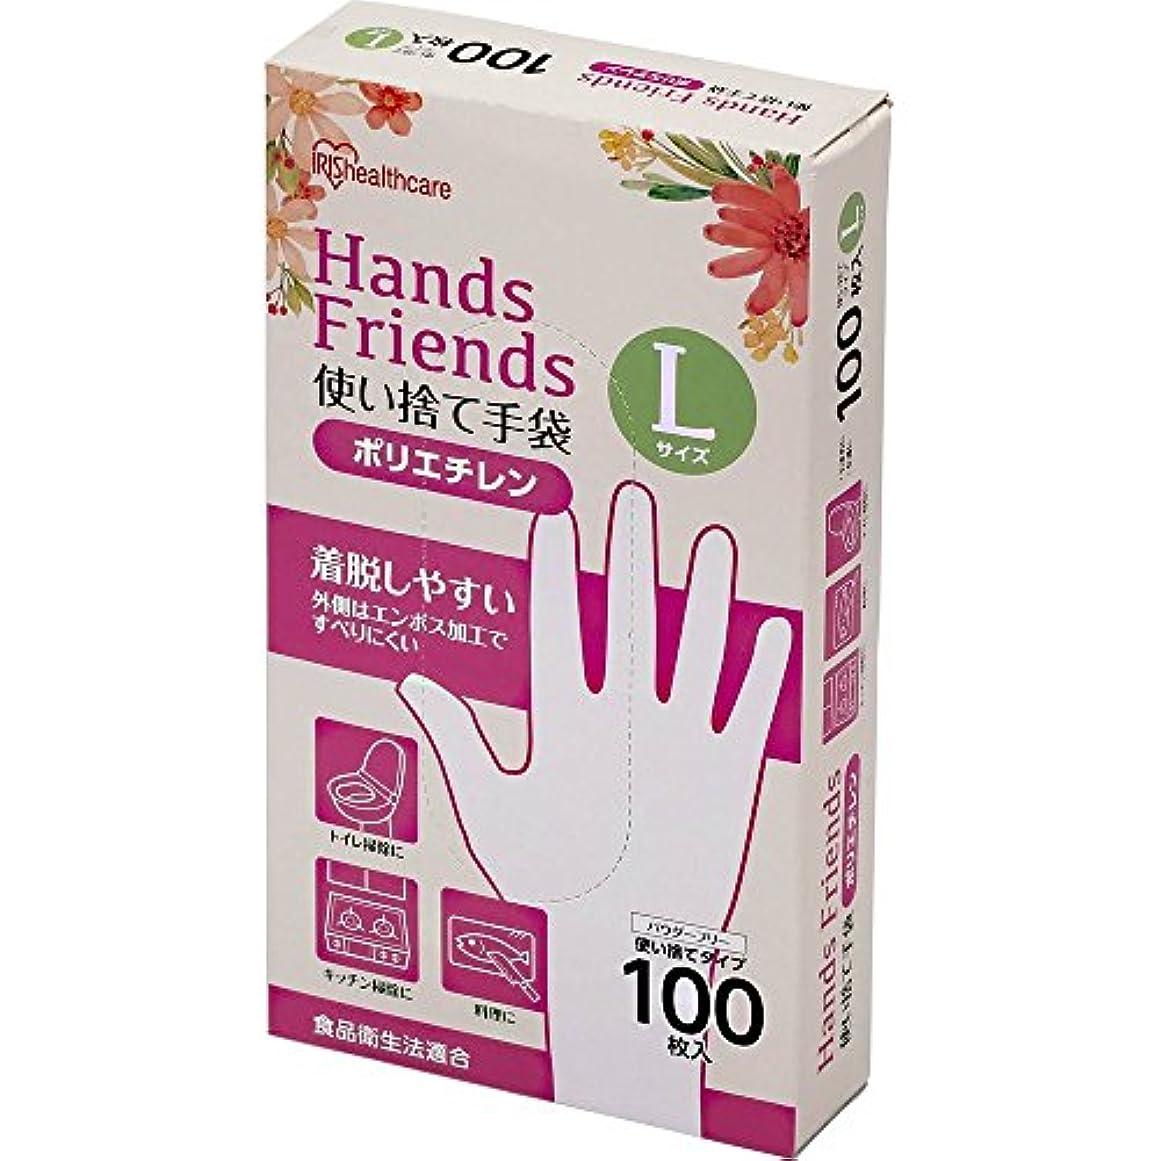 裏切りクリアリッチ使い捨て手袋 ポリエチレン手袋 Lサイズ 粉なし パウダーフリー クリア 100枚入